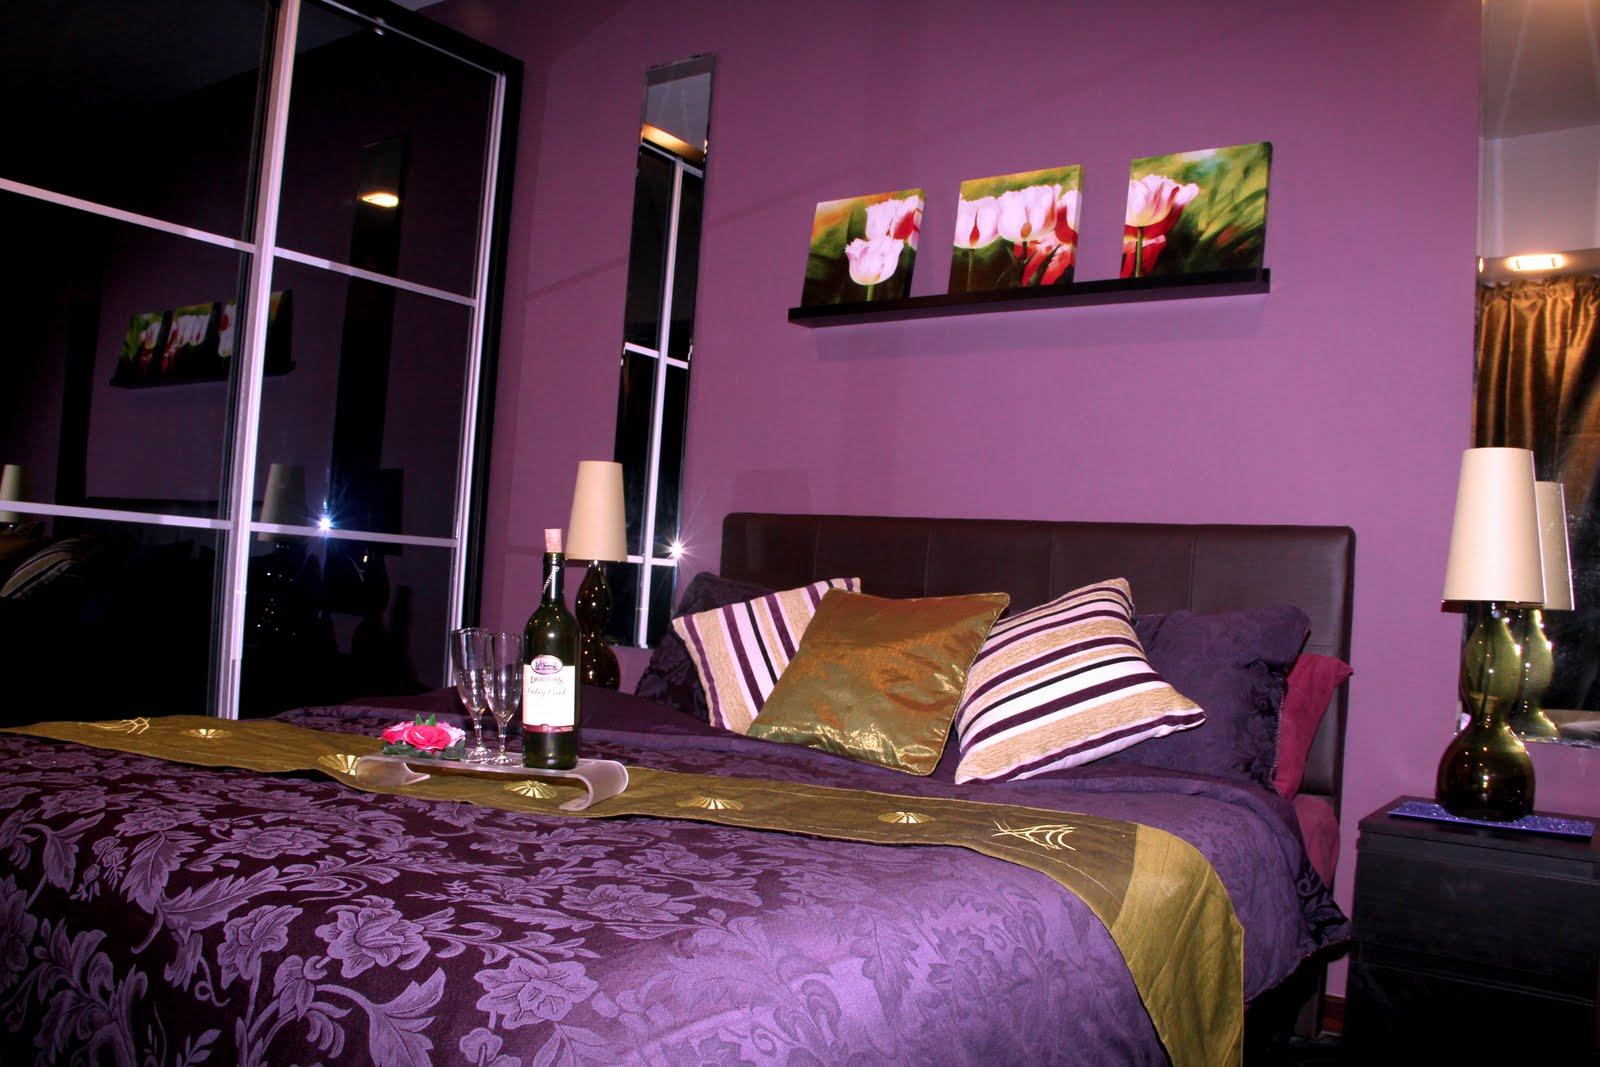 Girls bedroom sets furniture bedroom furniture high for Purple bedroom designs for girls